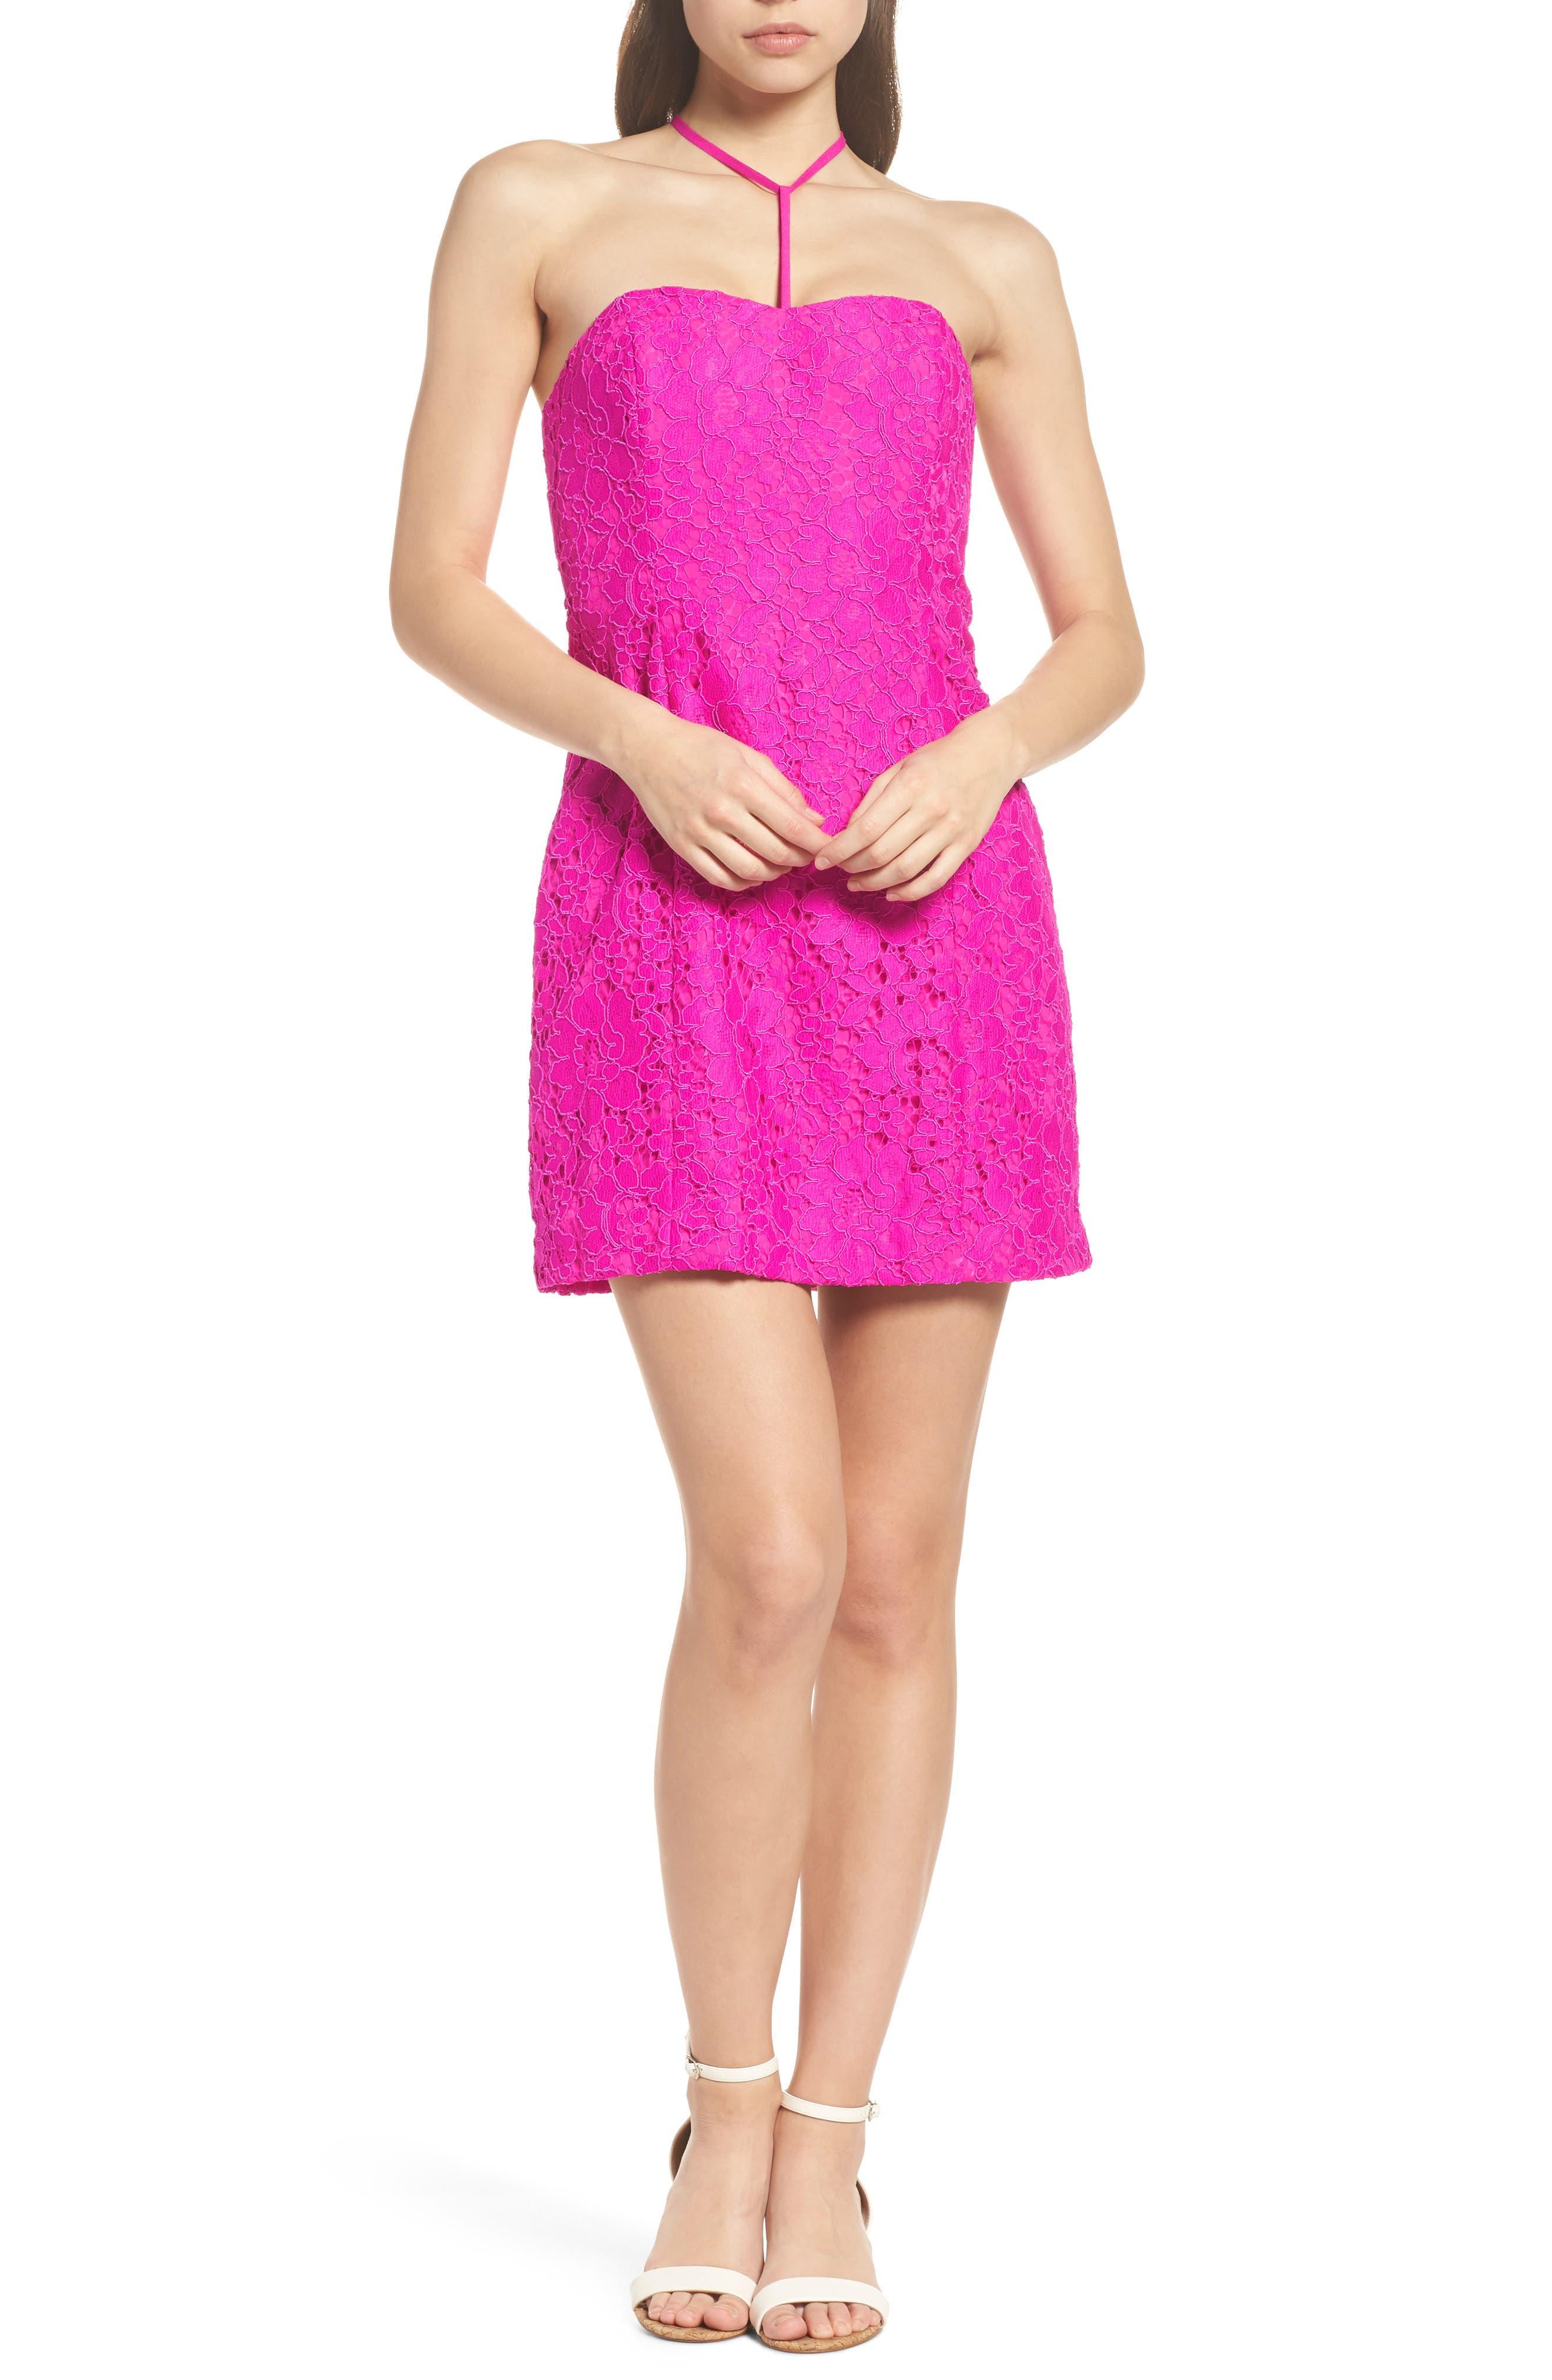 Demi Lace Dress,                             Alternate thumbnail 3, color,                             BERRY SANGRIA FLORAL LACE